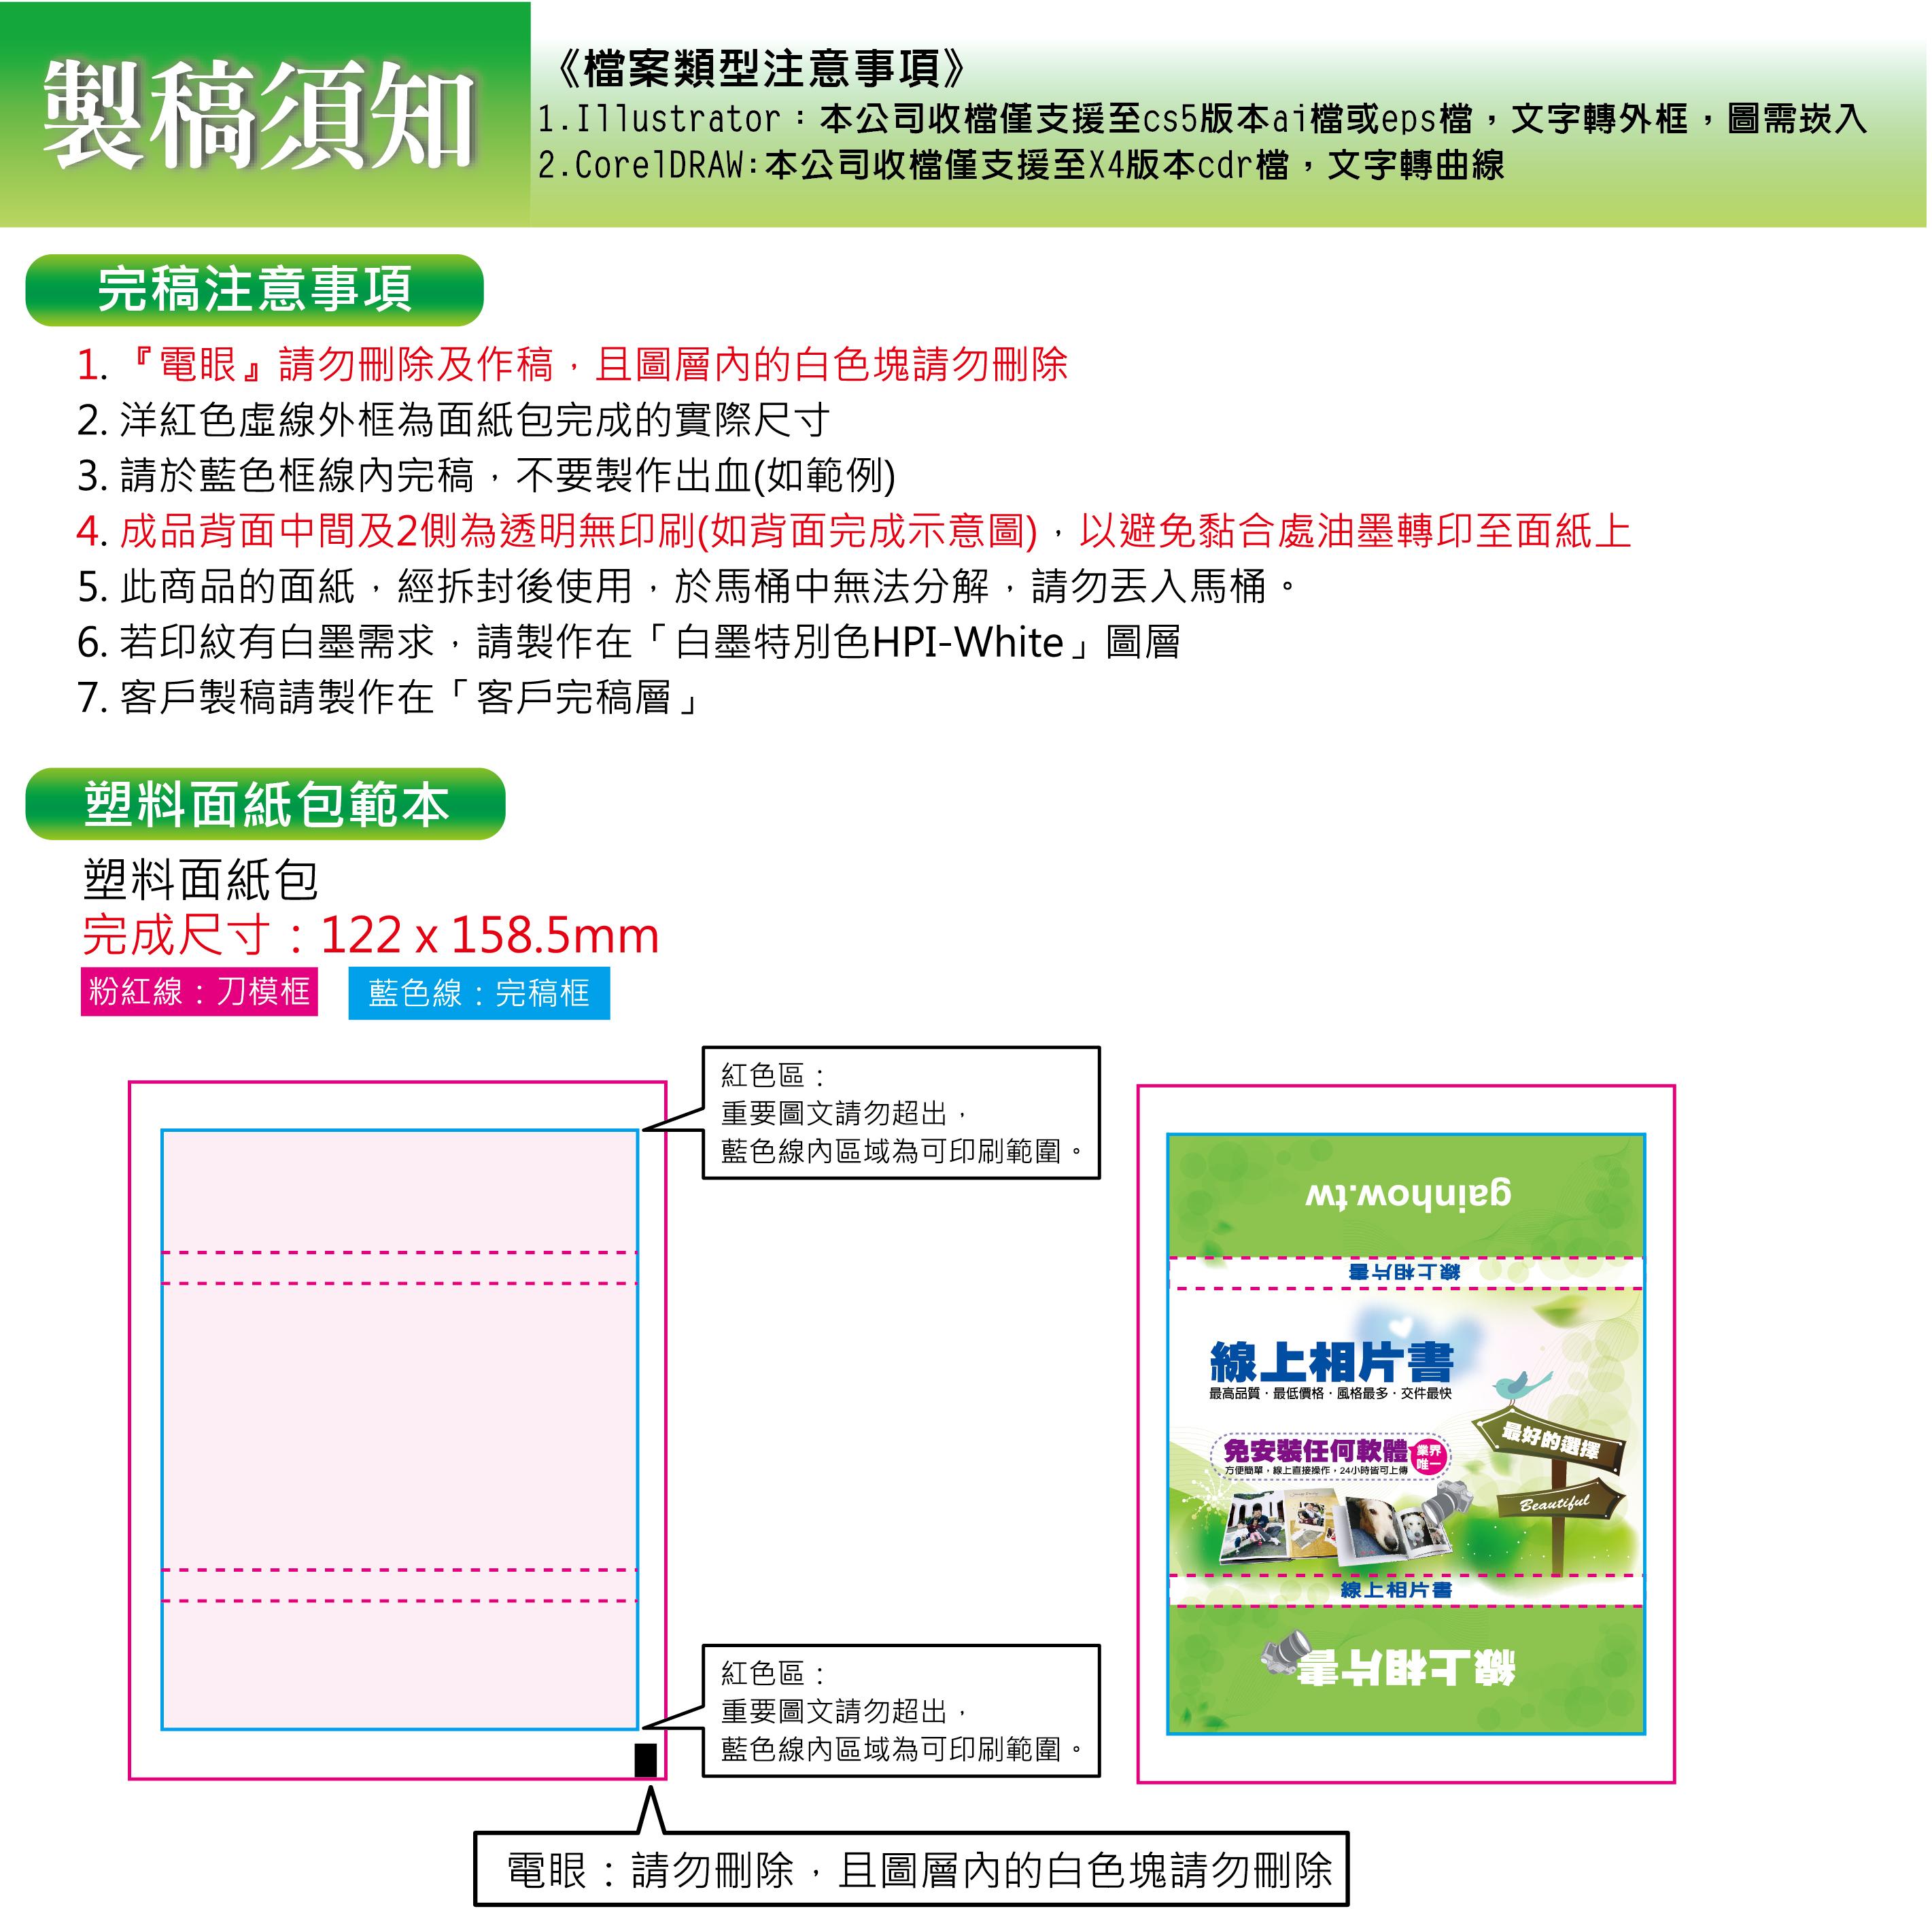 塑料面紙-01.jpg